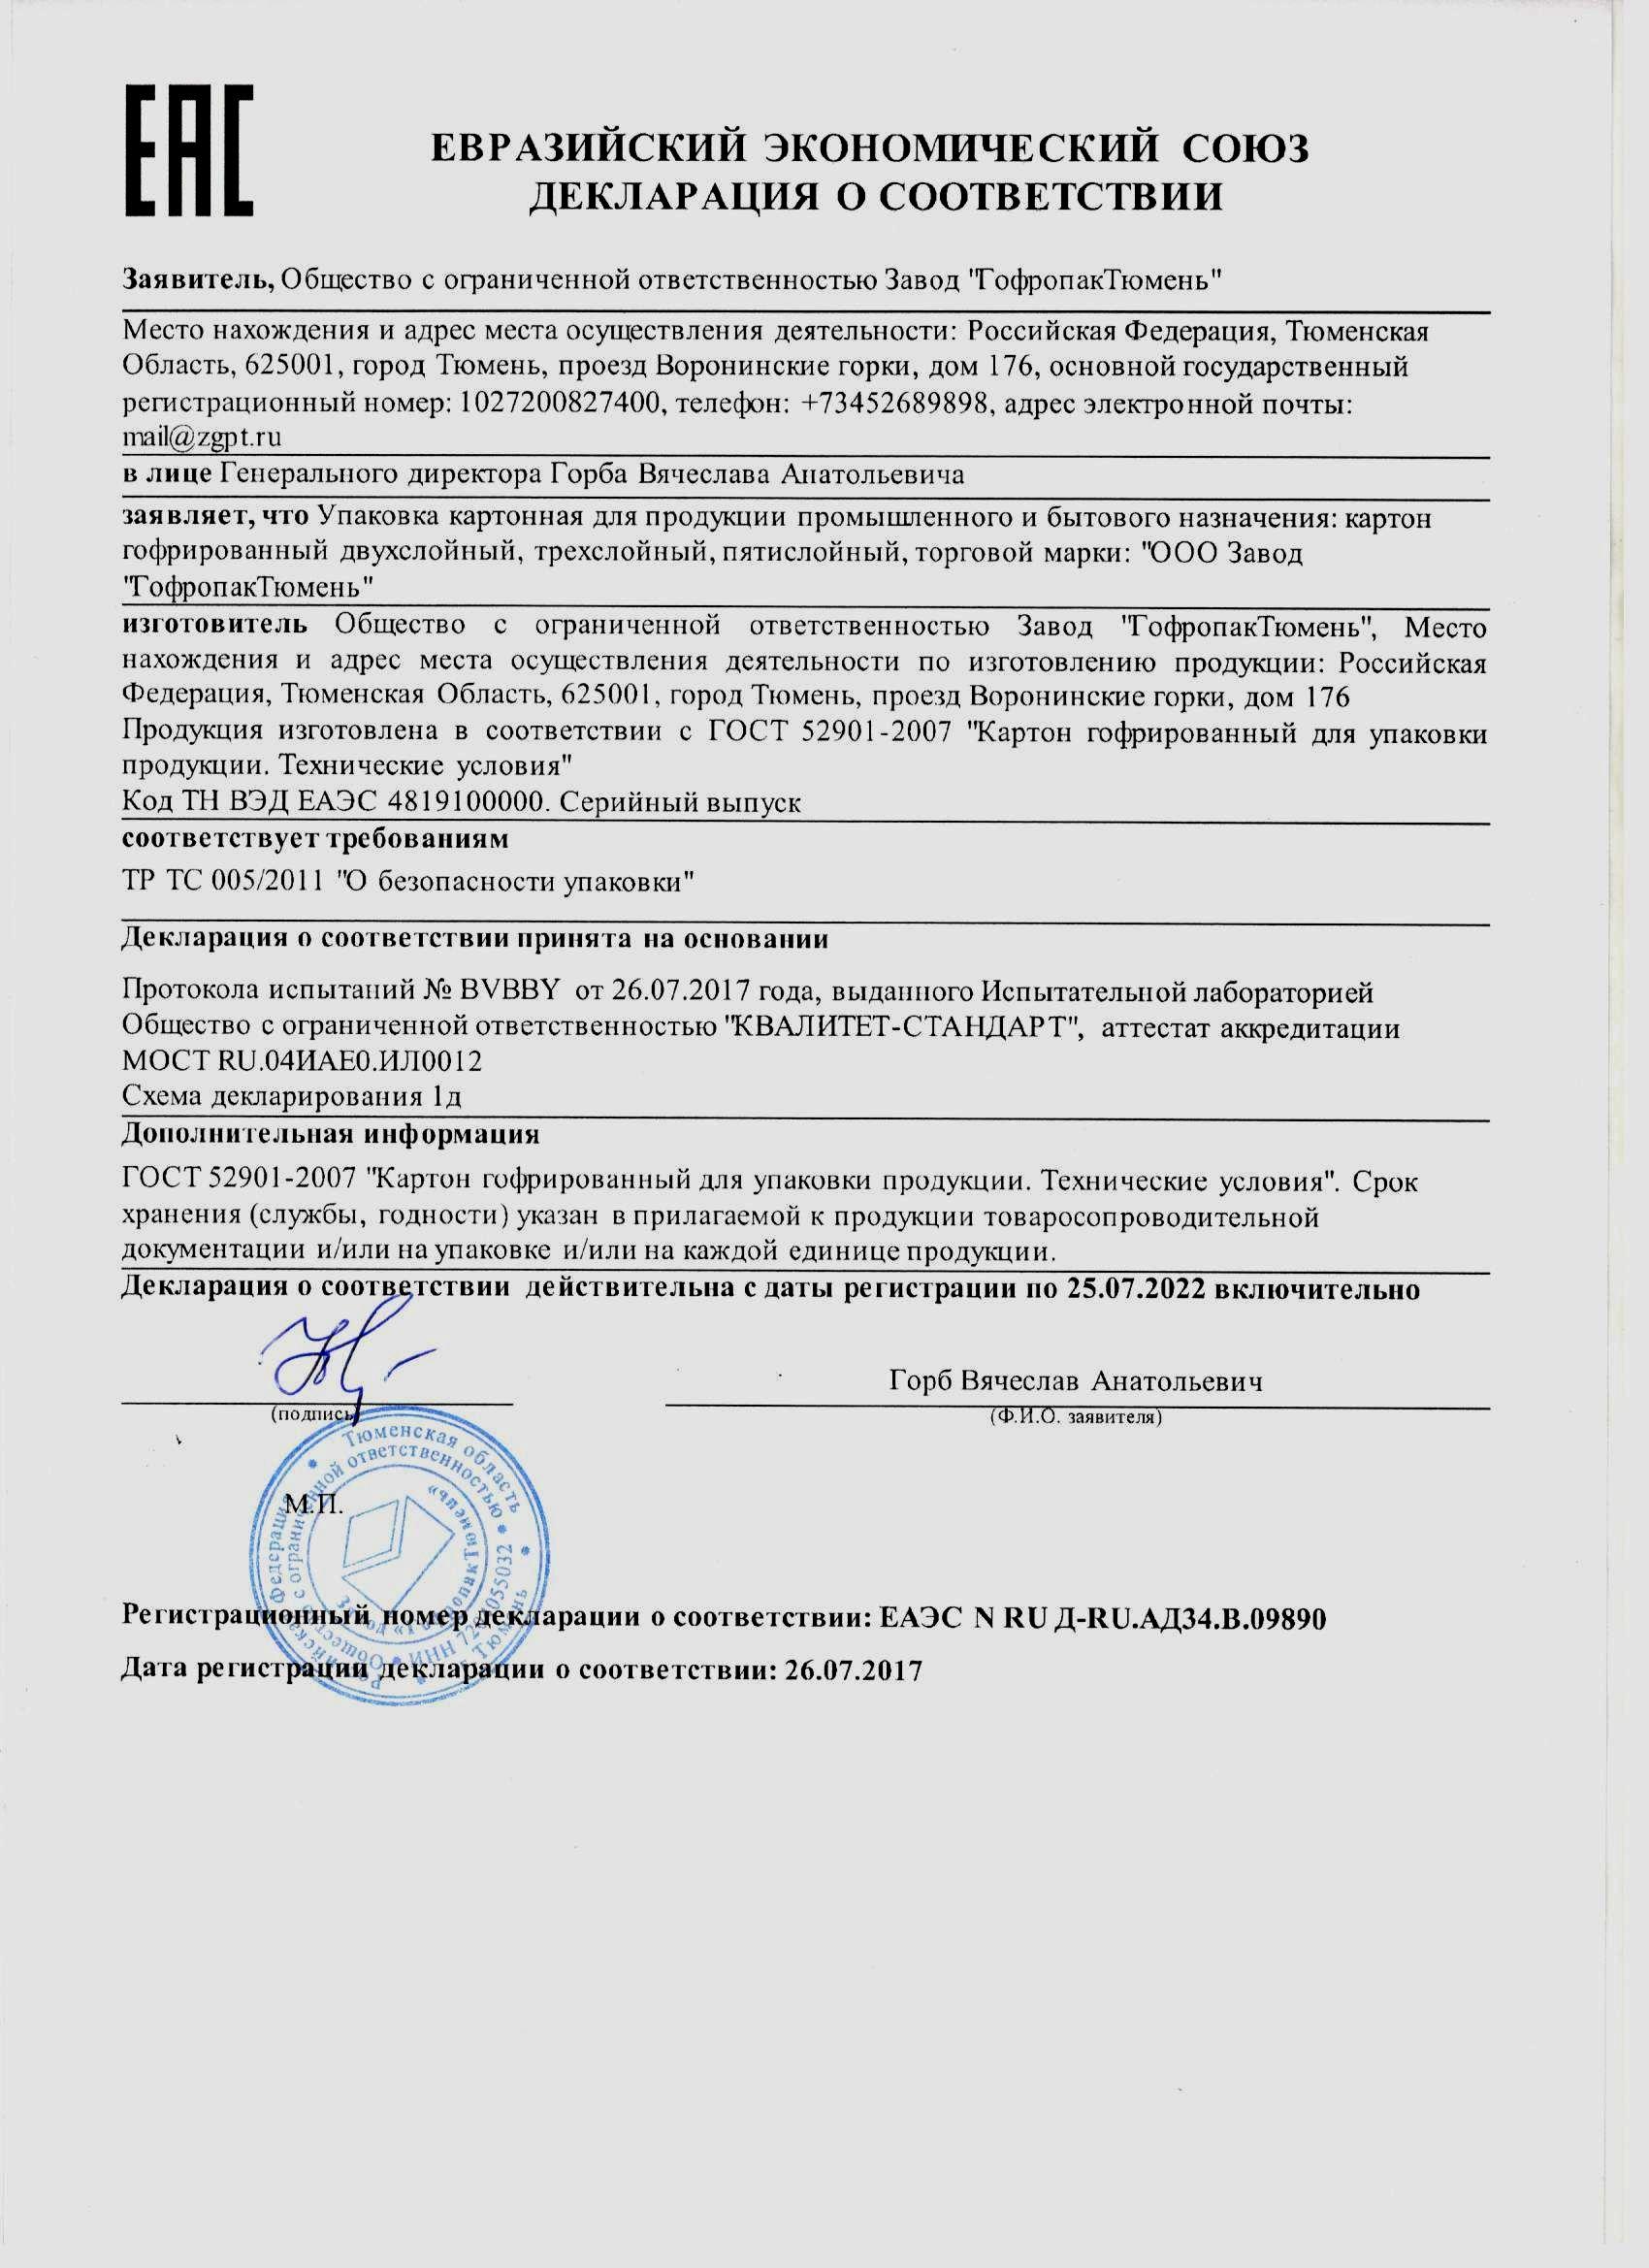 Декларация о соответствии ЕАЭС N RU Д-RU.АД34.В.09890 на картон гофрированный двухслойный, трехслойный, пятислойный